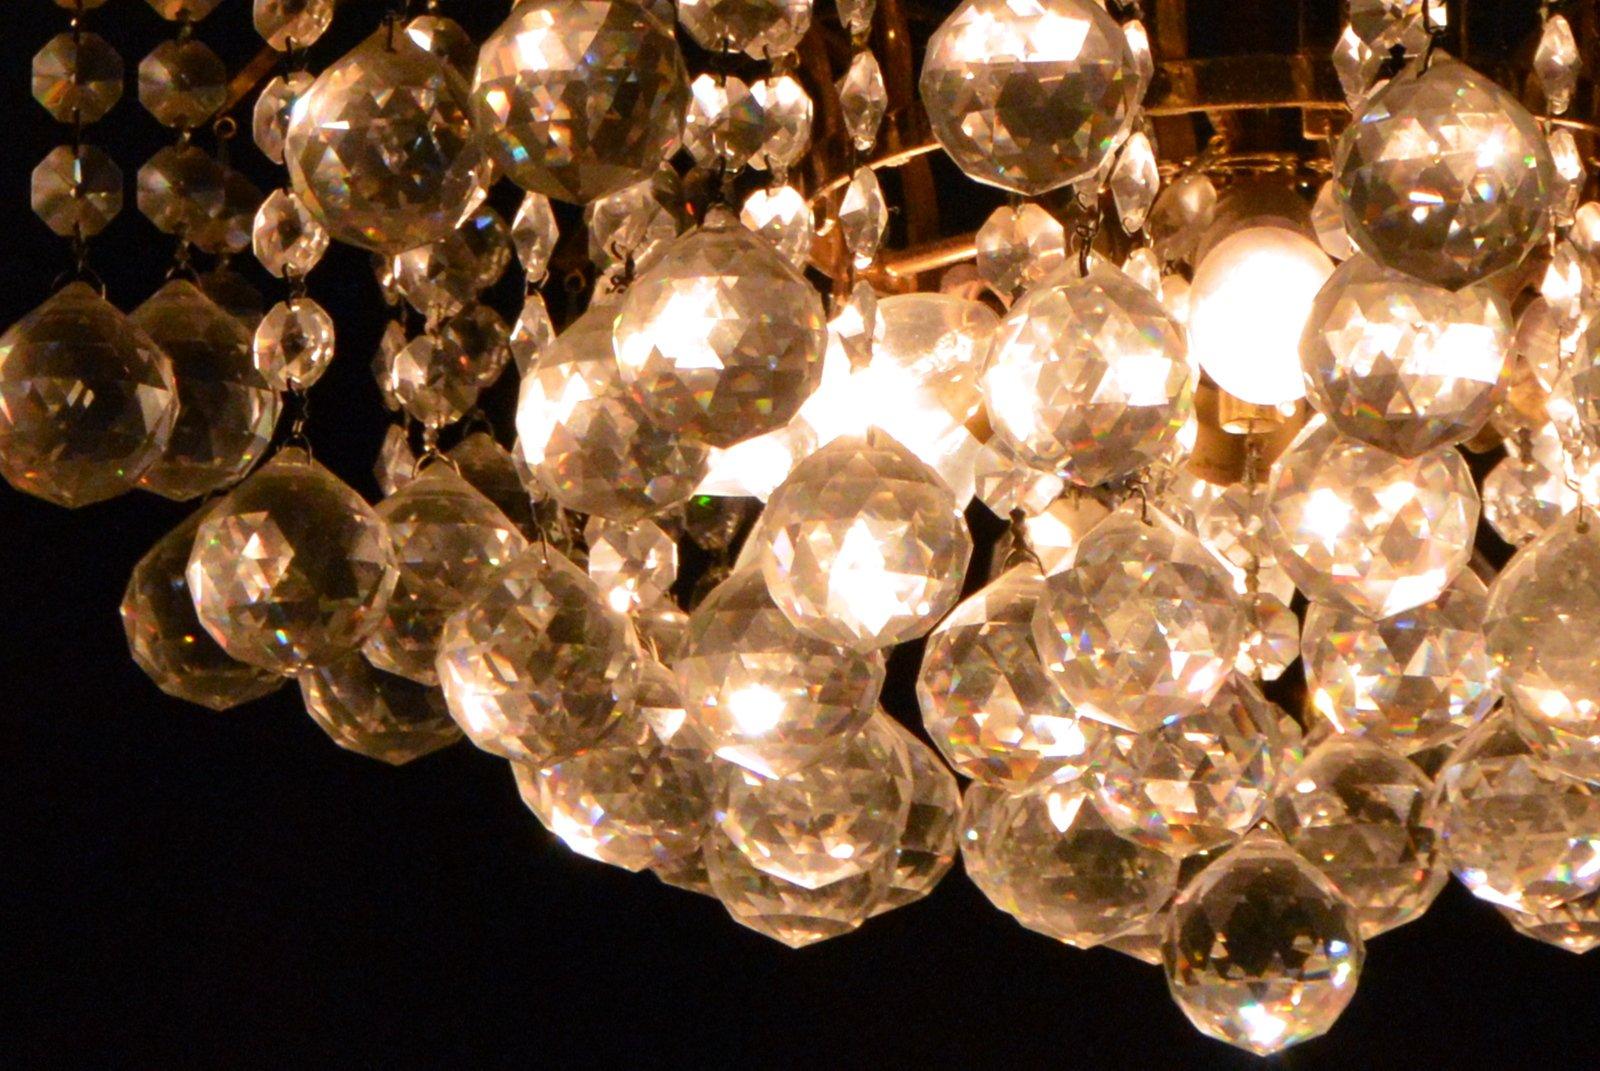 Indoor lighting electricians Crofton